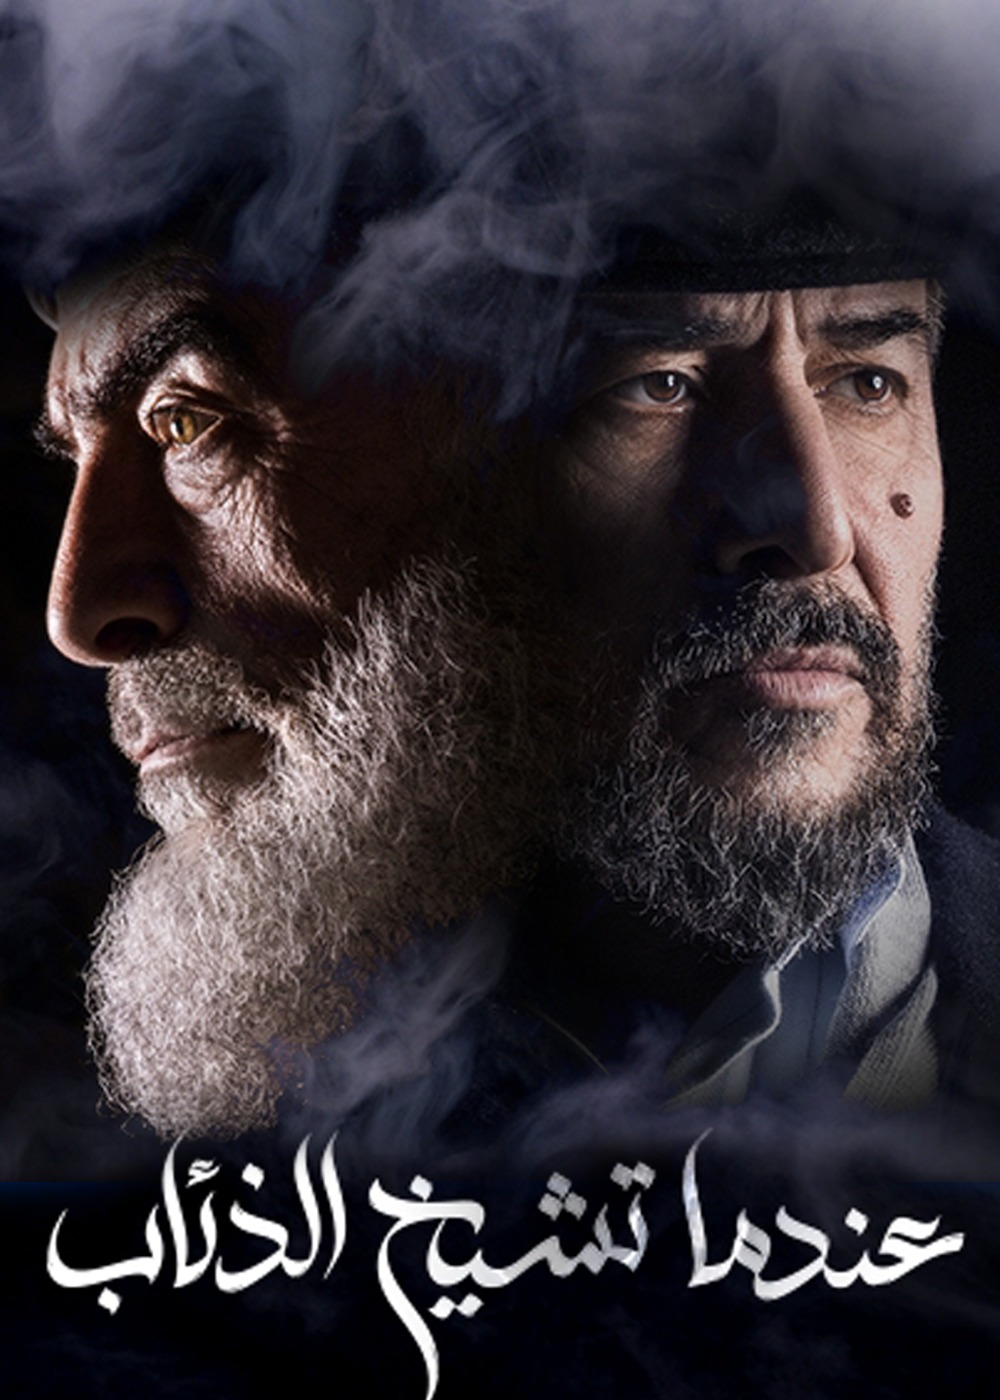 احداث وتفاصيل الحلقة 26 مسلسل عندما تشيخ الذئاب رمضان 2019